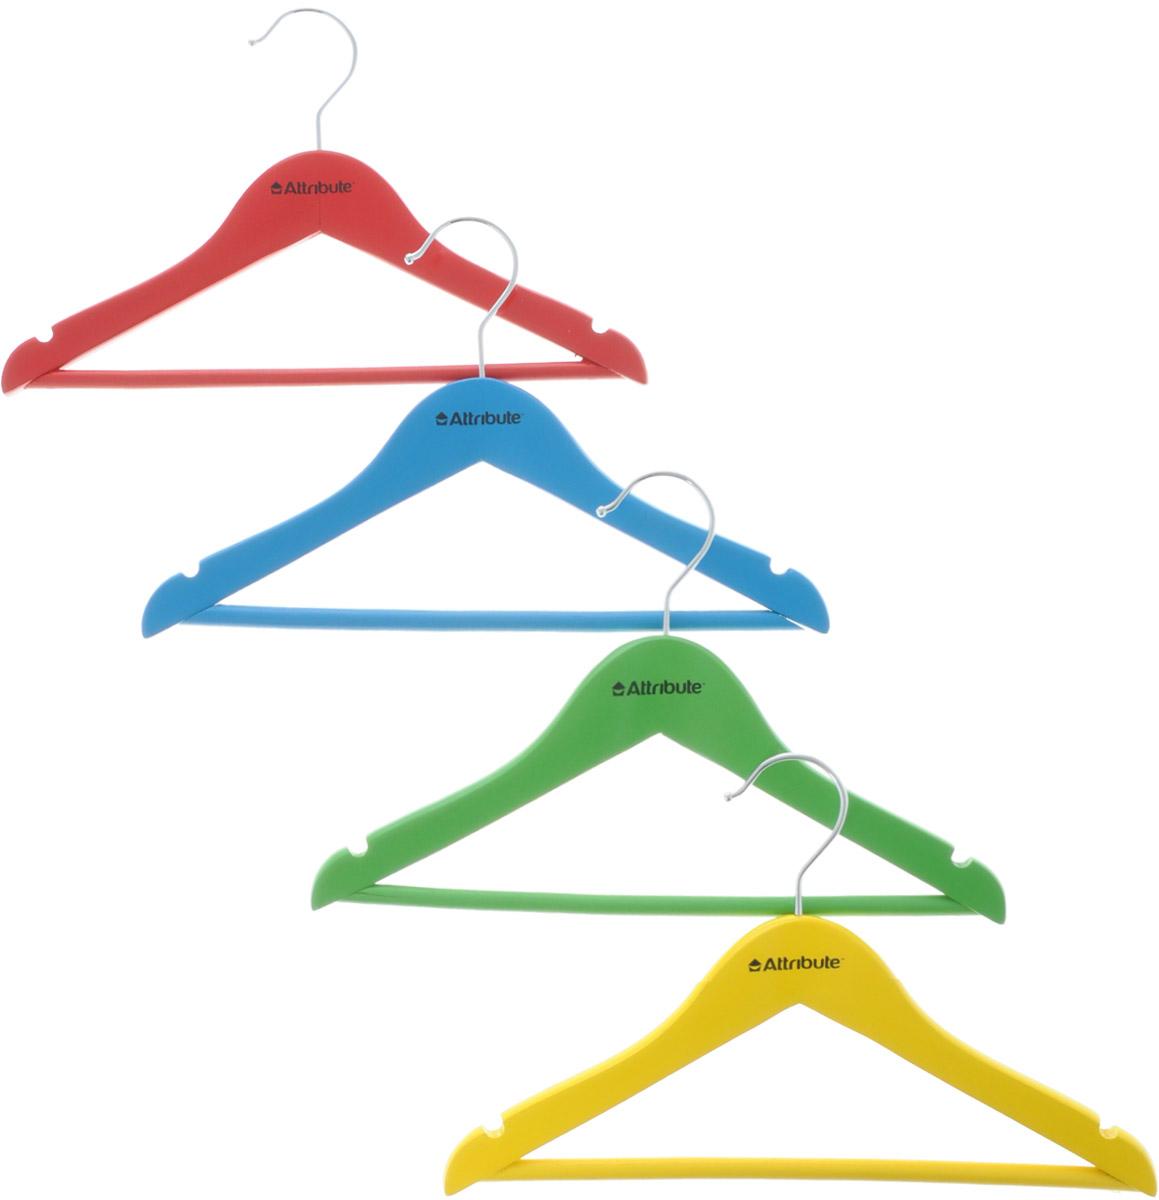 Набор детских вешалок Attribute Hanger Home, длина 30 см, 4 шт набор вешалок для одежды attribute hanger bamboo 3 шт